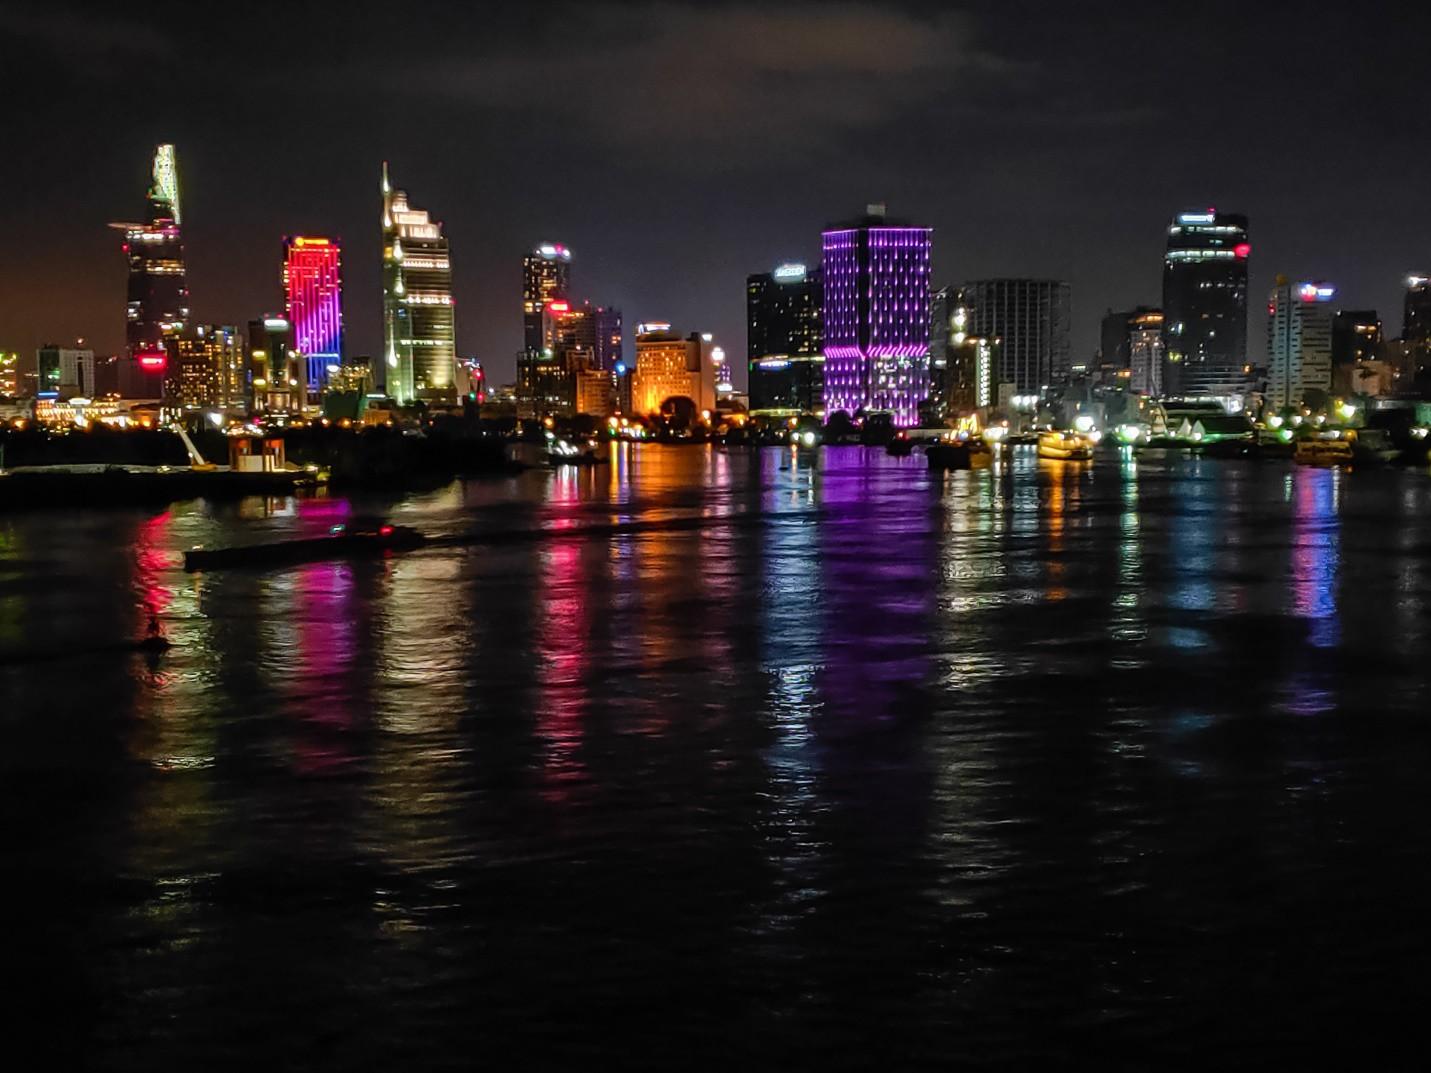 Ấn tượng sắc màu Sài Gòn về đêm qua lăng kính của OPPO R17 PRO - Ảnh 1.